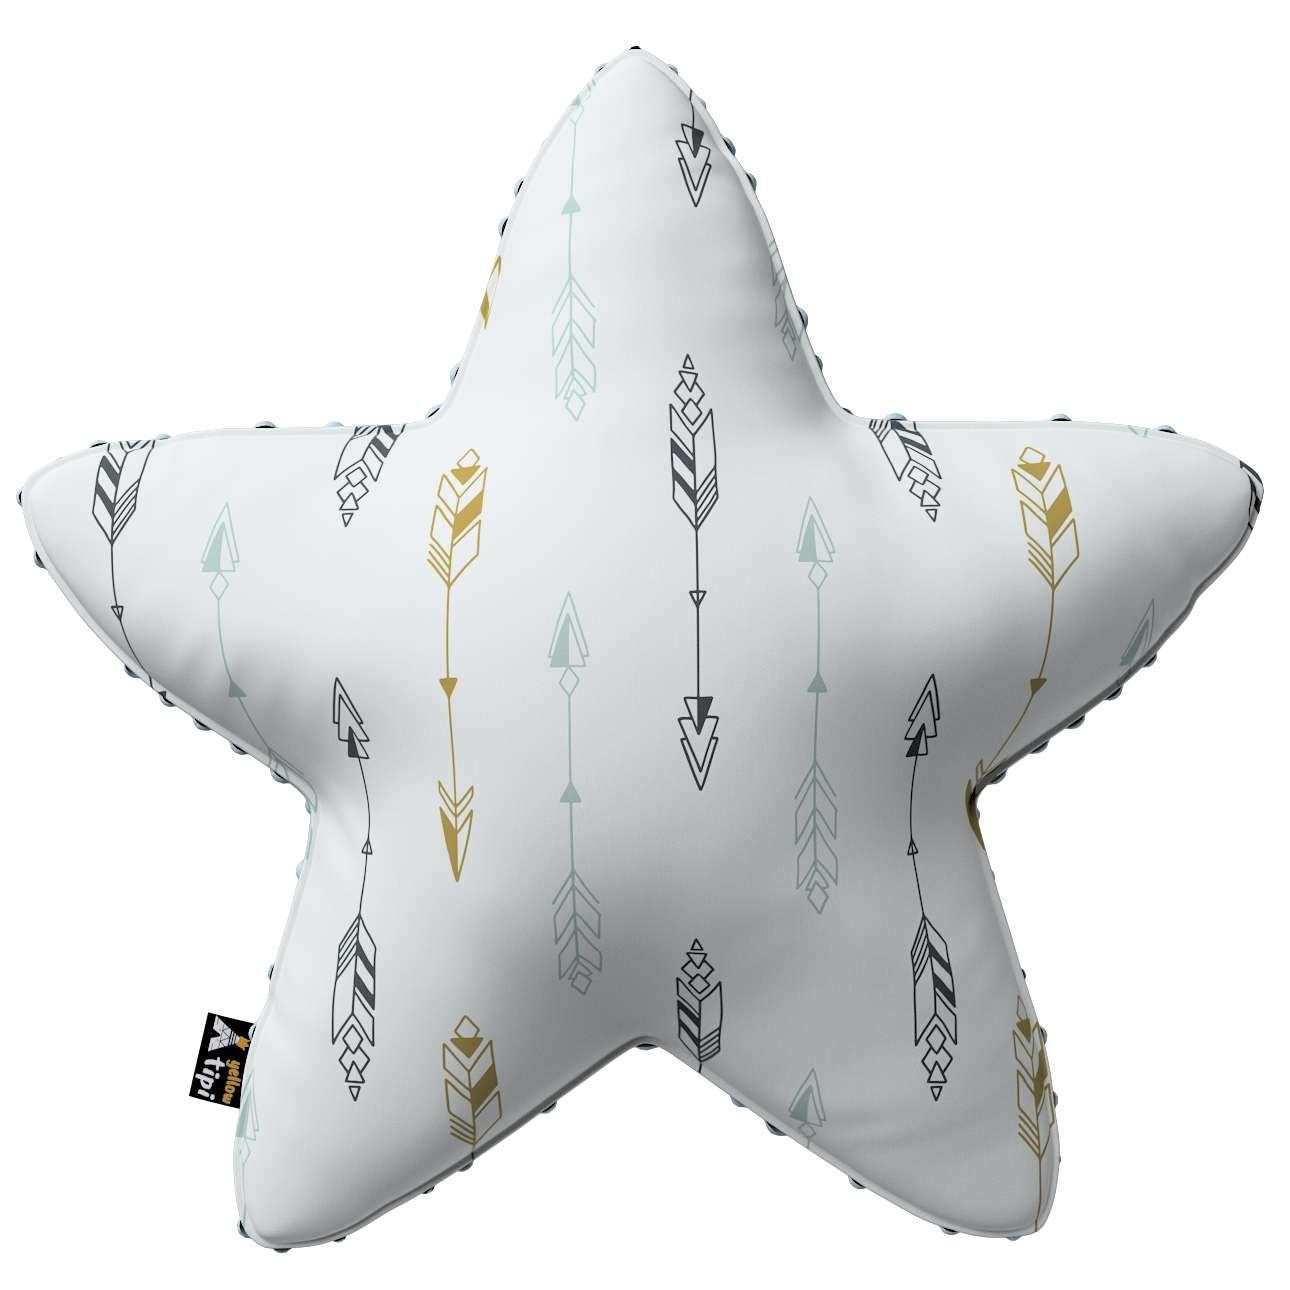 Kissen Lucky Star aus Minky von der Kollektion Magic Collection, Stoff: 500-07